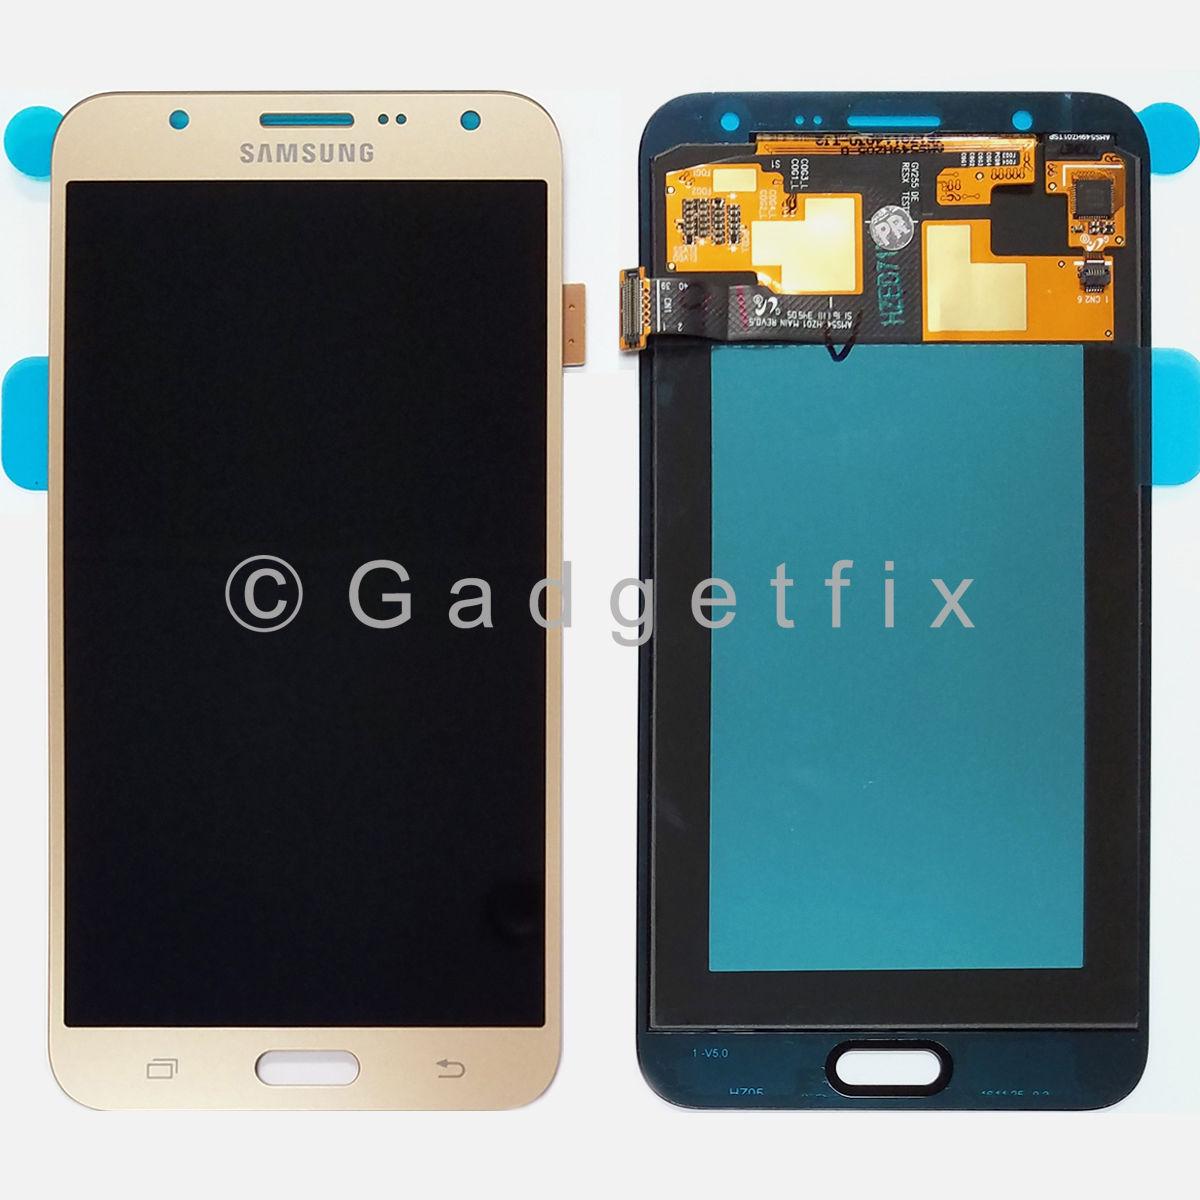 OEM Gold Samsung Galaxy J7 J700 J700F J700P LCD Display Touch Screen Digitizer